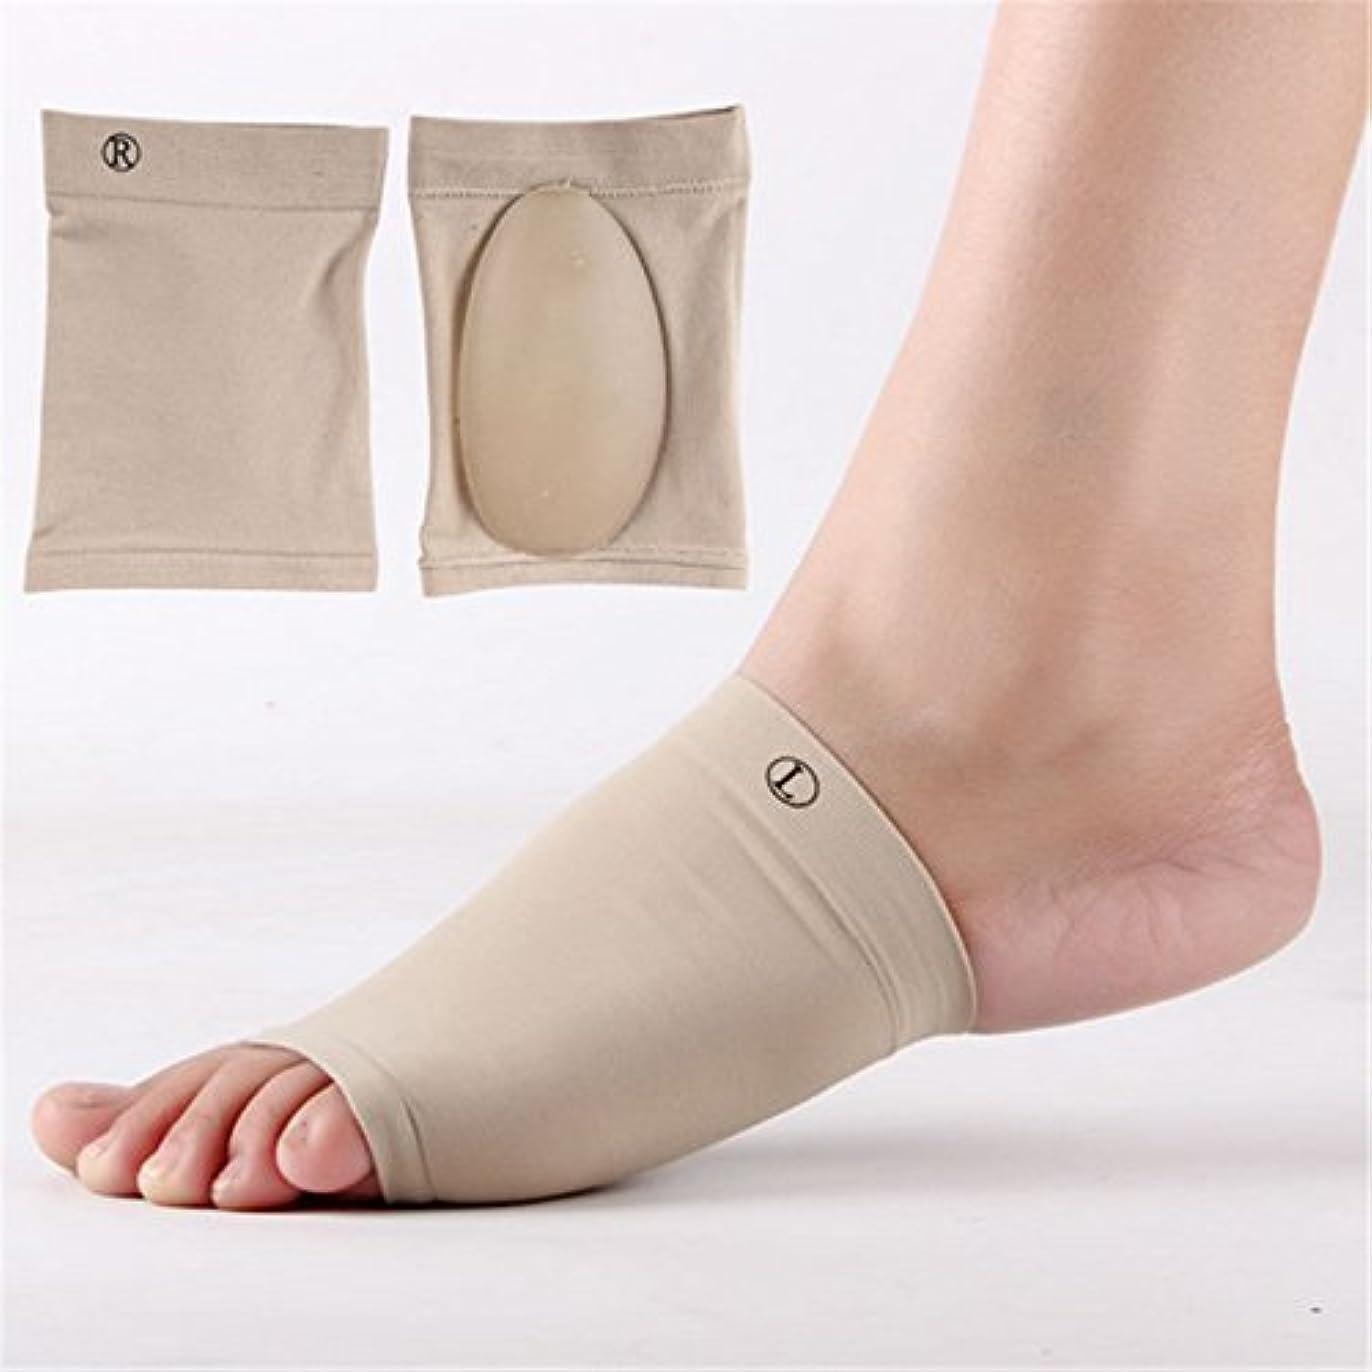 木曜日仮説リーLorny(TM)1Pairジェル足底筋膜炎アーチサポートスリーブアーチソックスかかとクッションフラット足の整形外科靴パッドフットケア [並行輸入品]